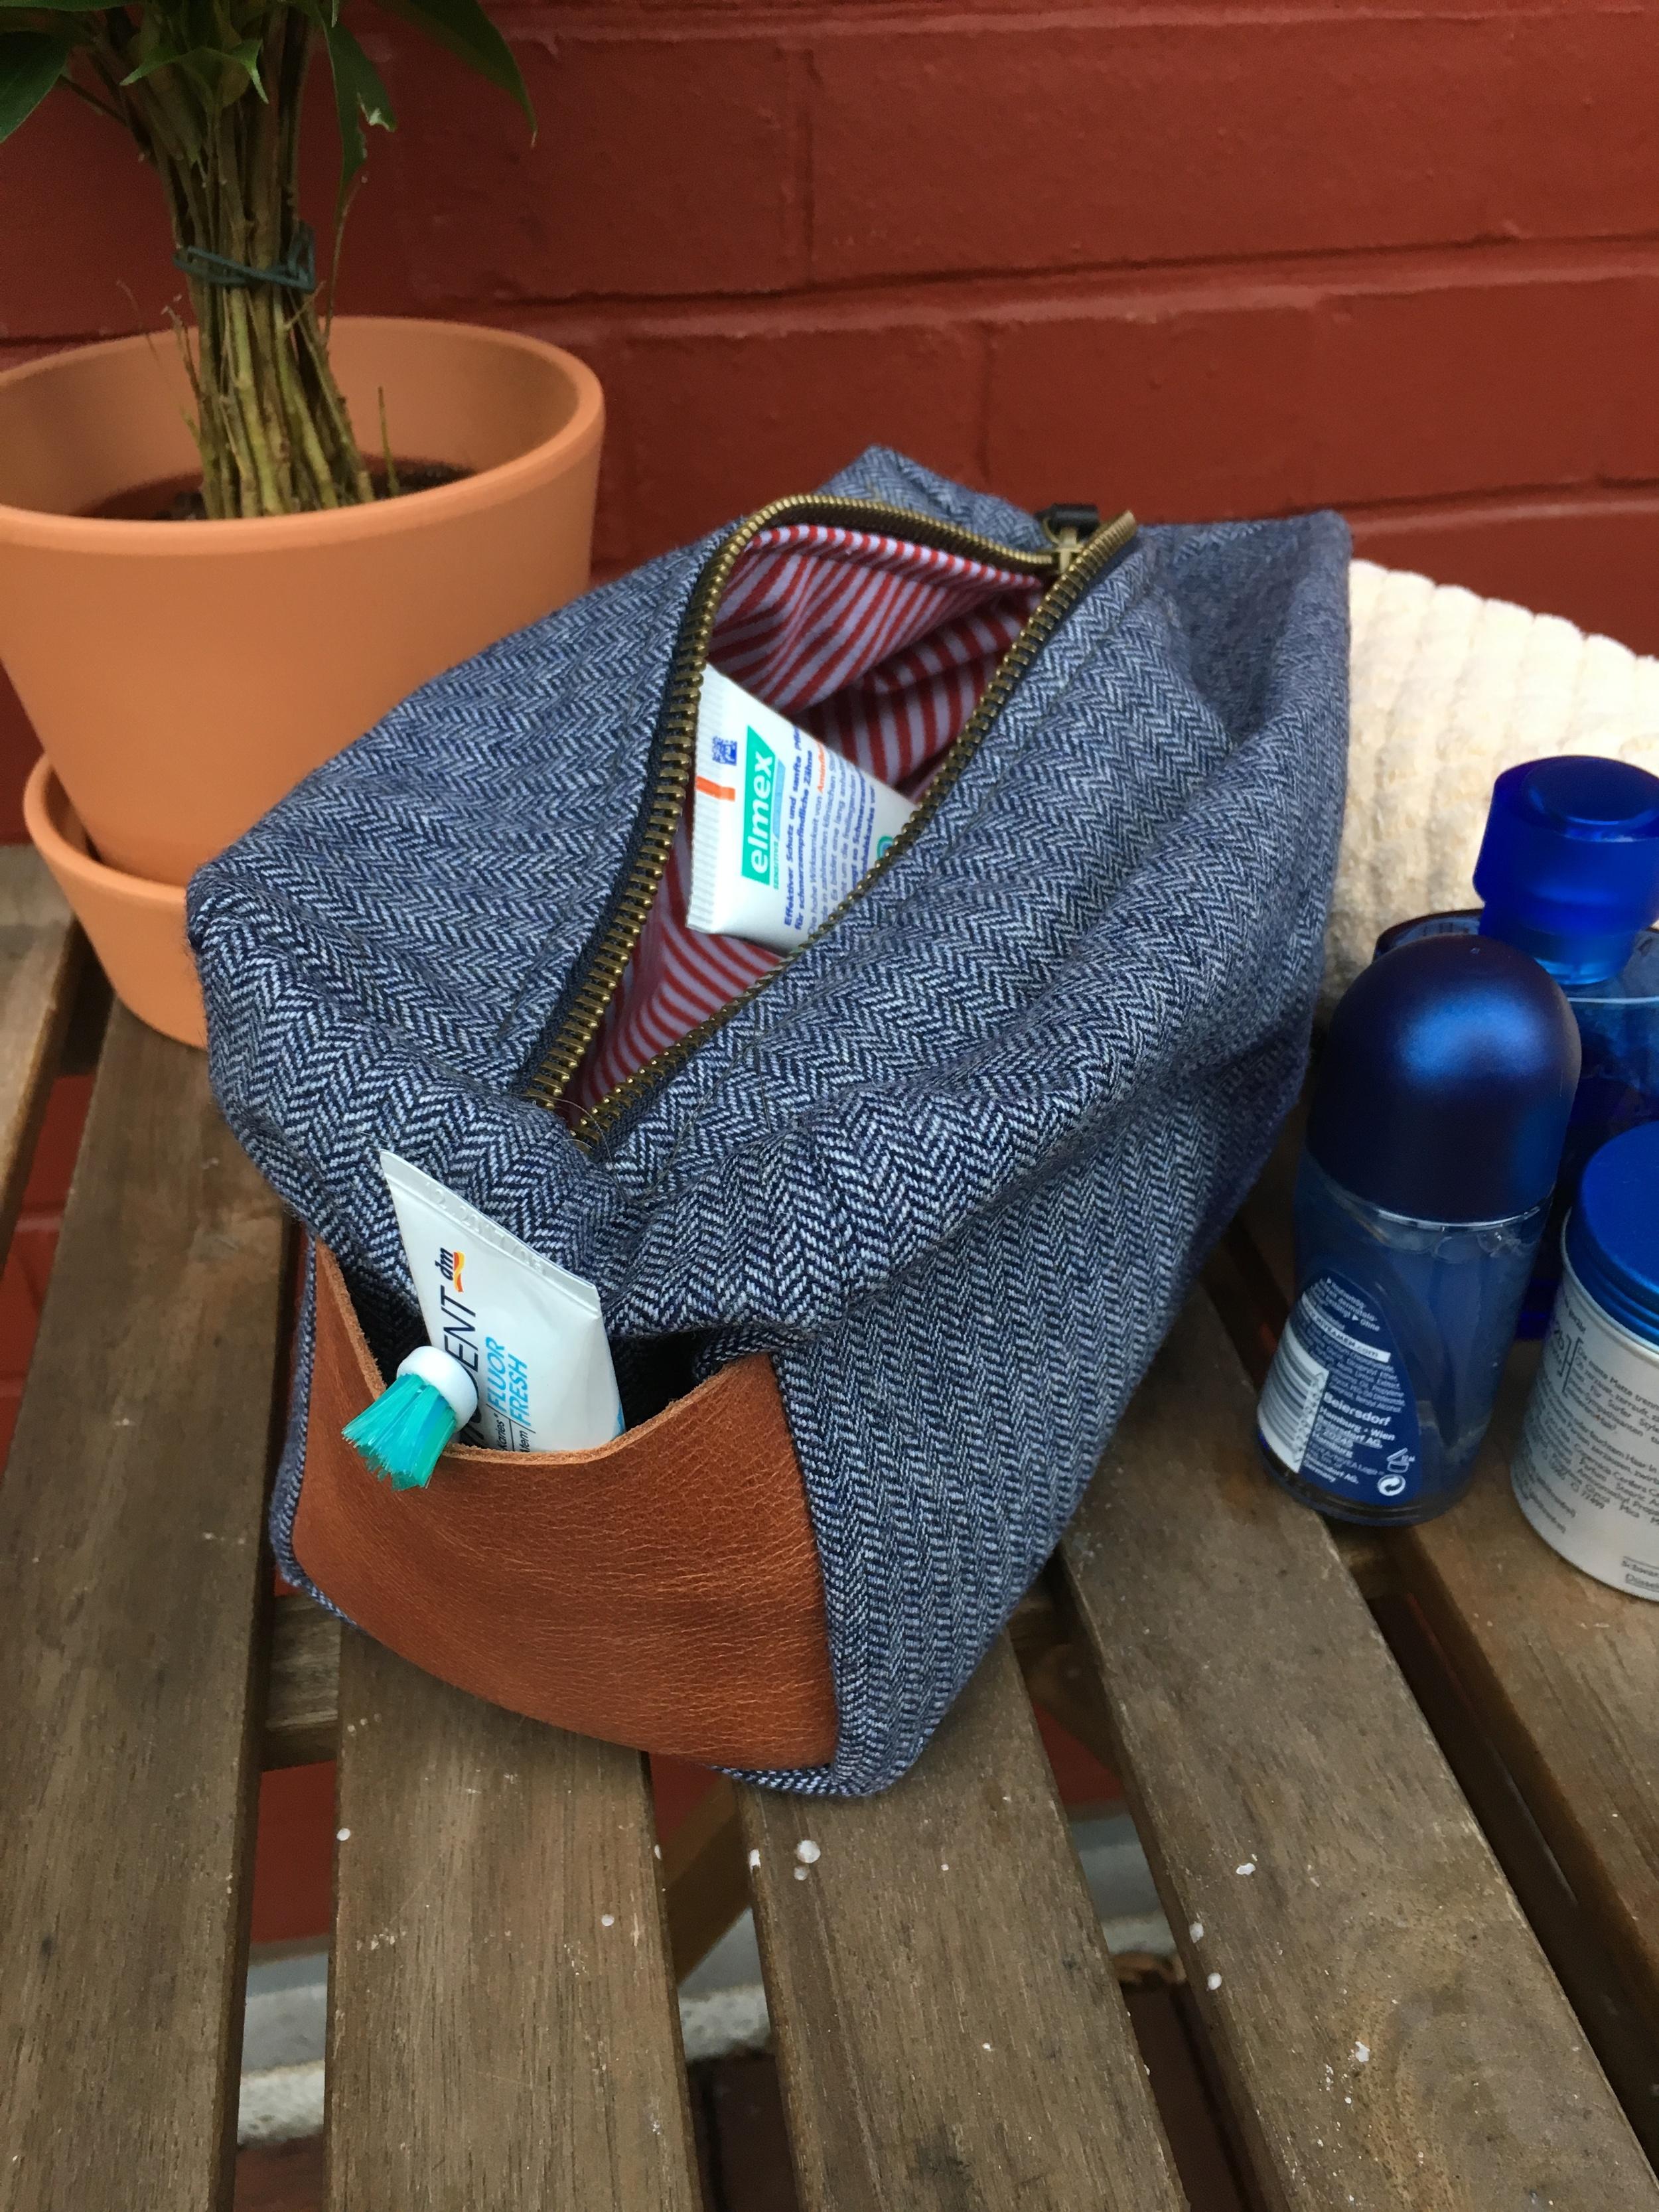 Die Kulturtasche bietet Platz für mehrere Zahnpasten